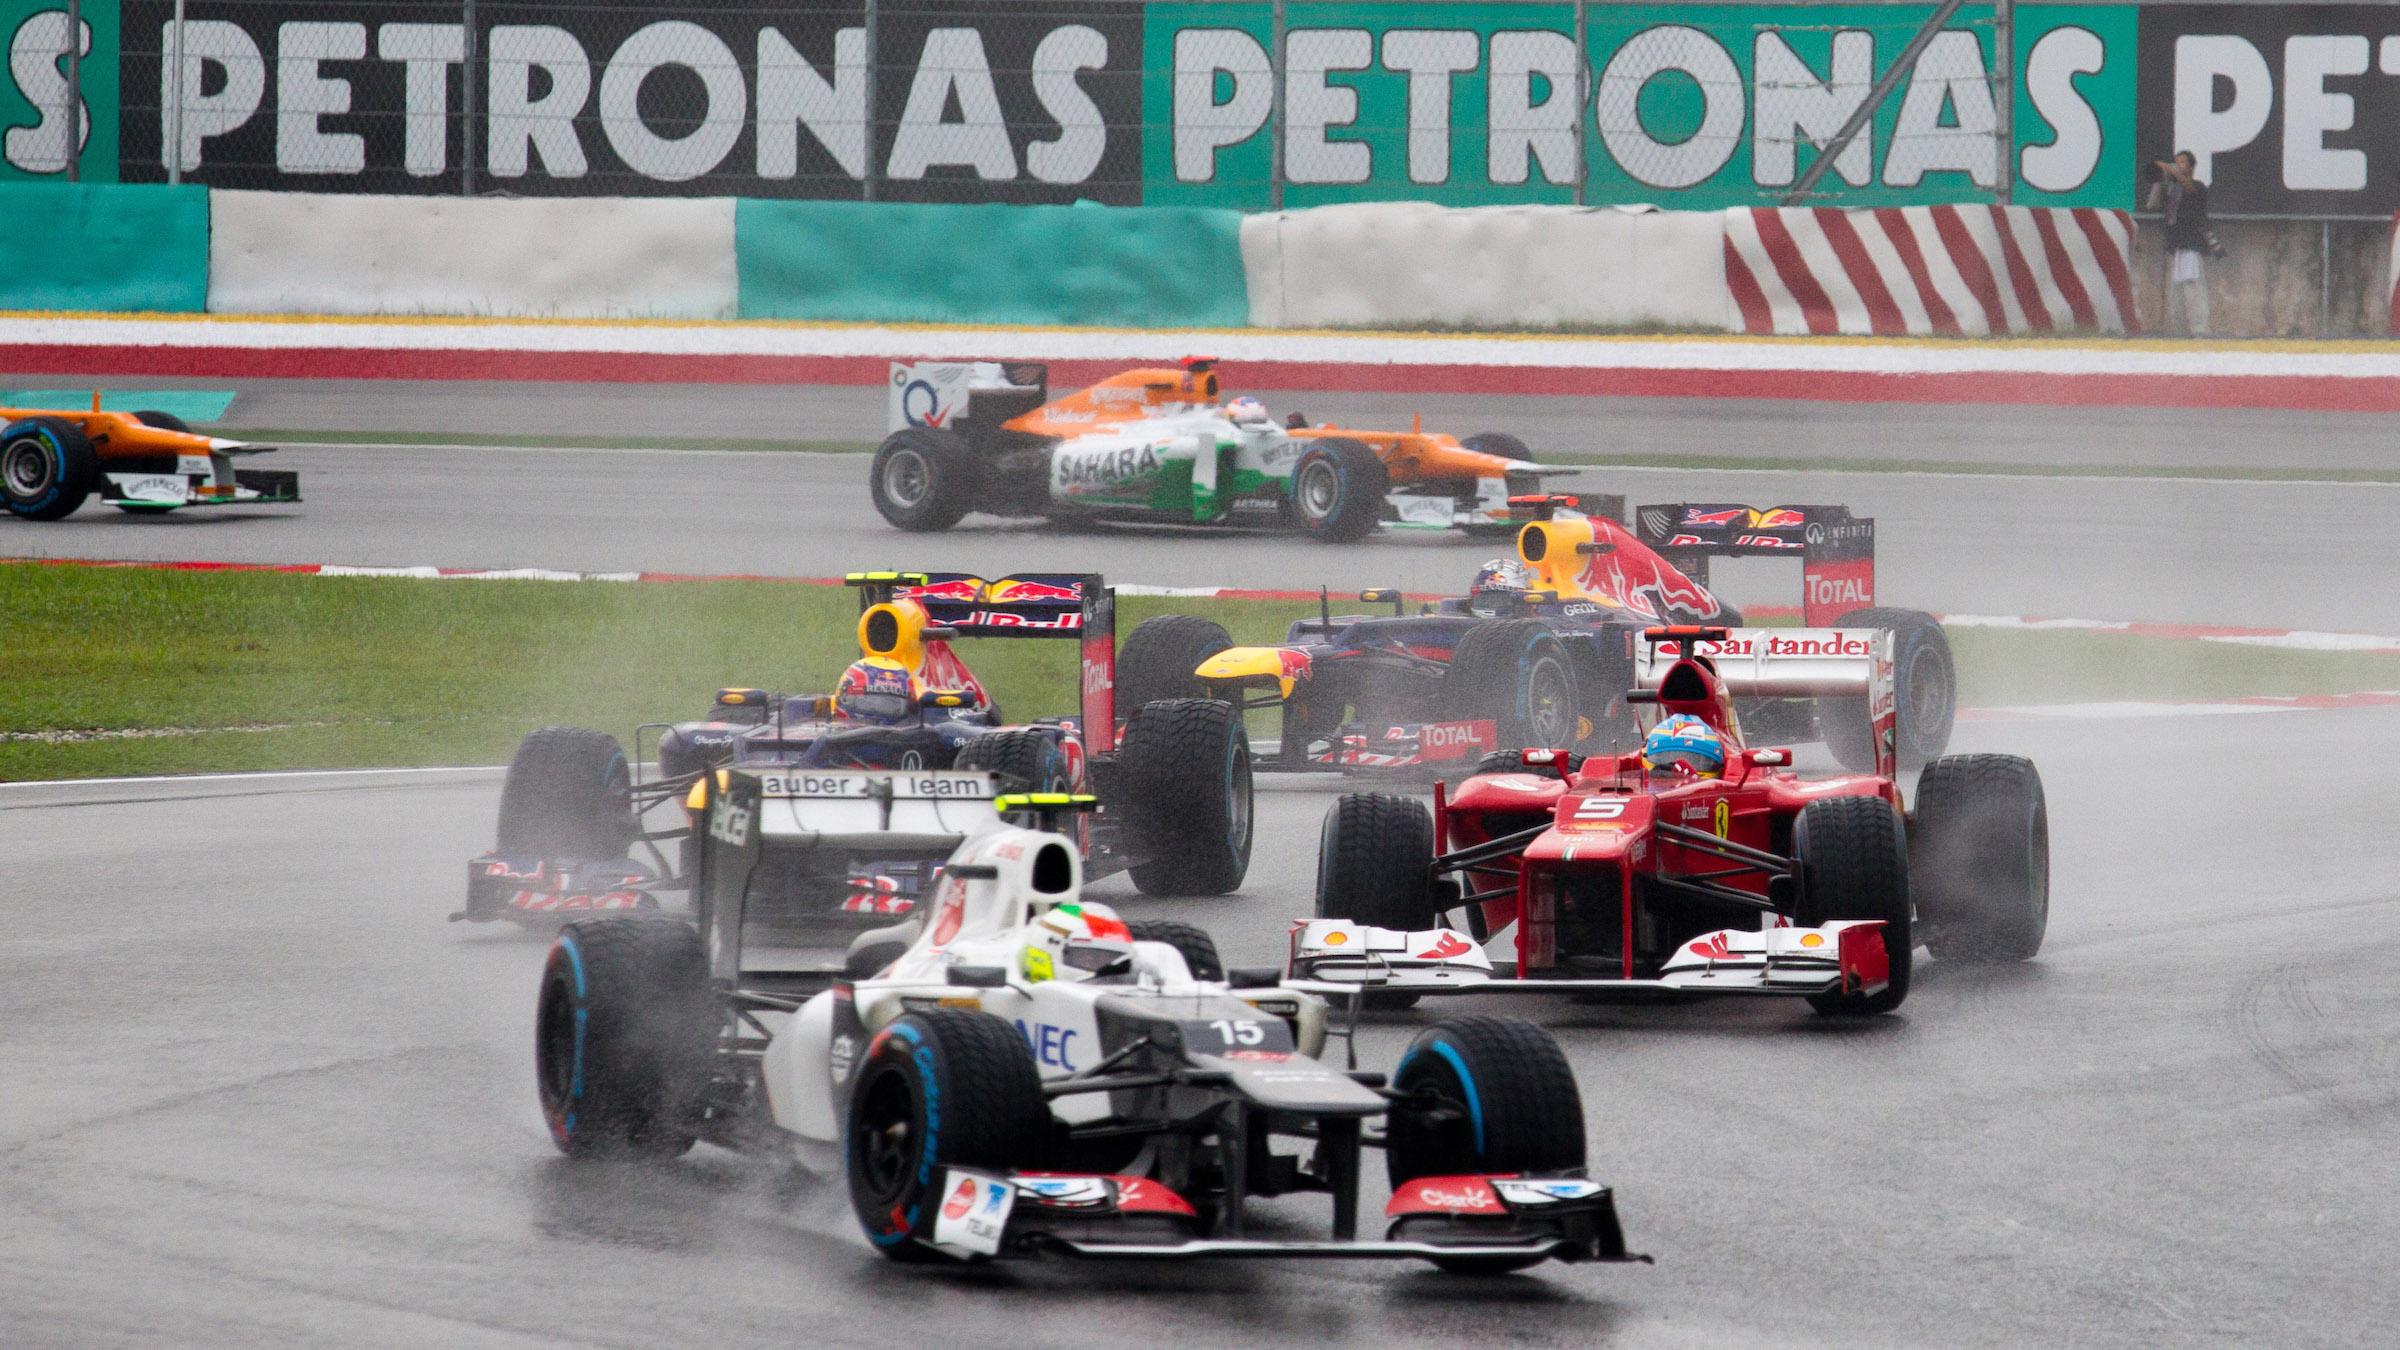 Sergio-Perez-2012-Malaysian-Grand-Prix